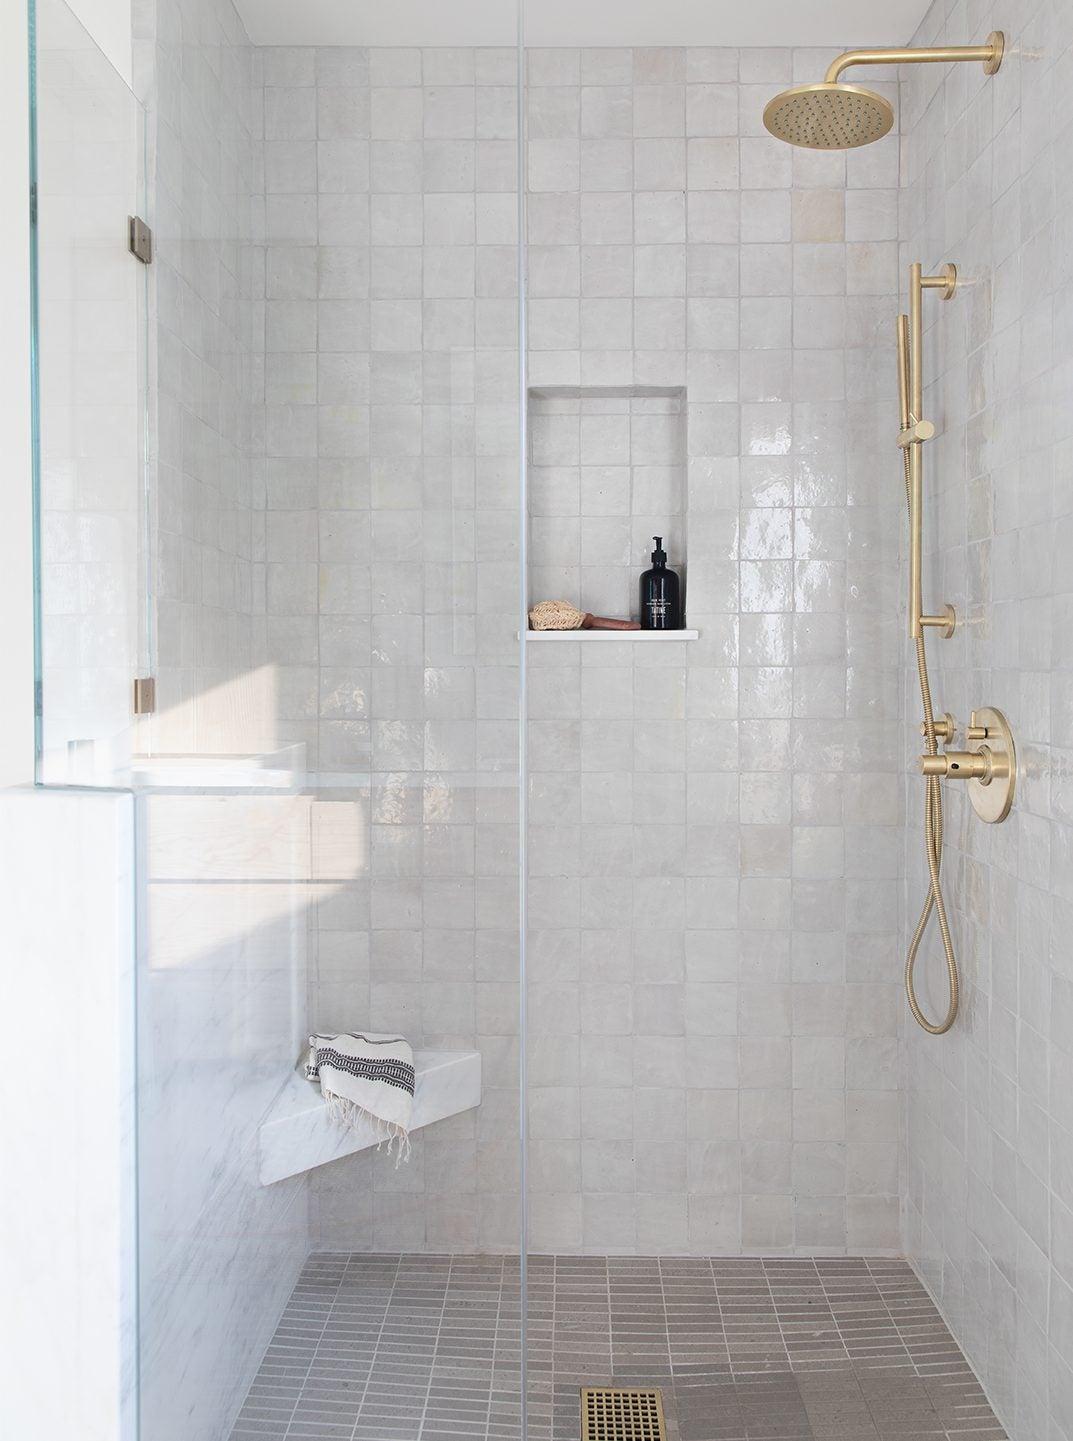 Shower with zellige tile